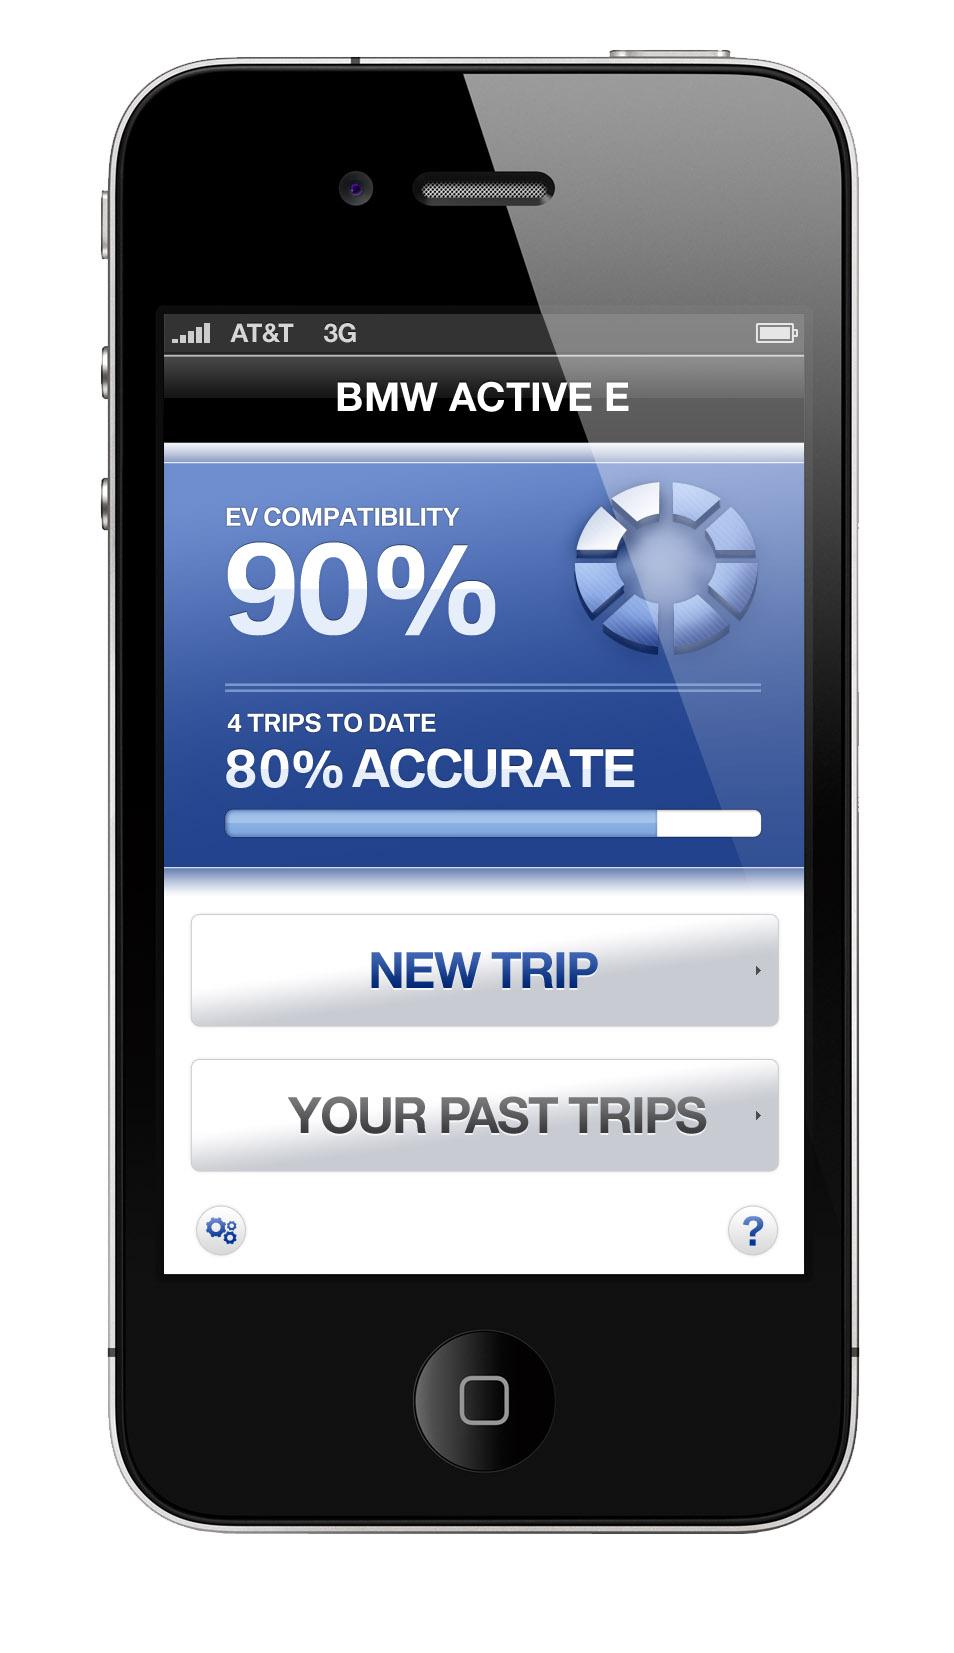 BMW-ActiveE-MobileApp2.jpg